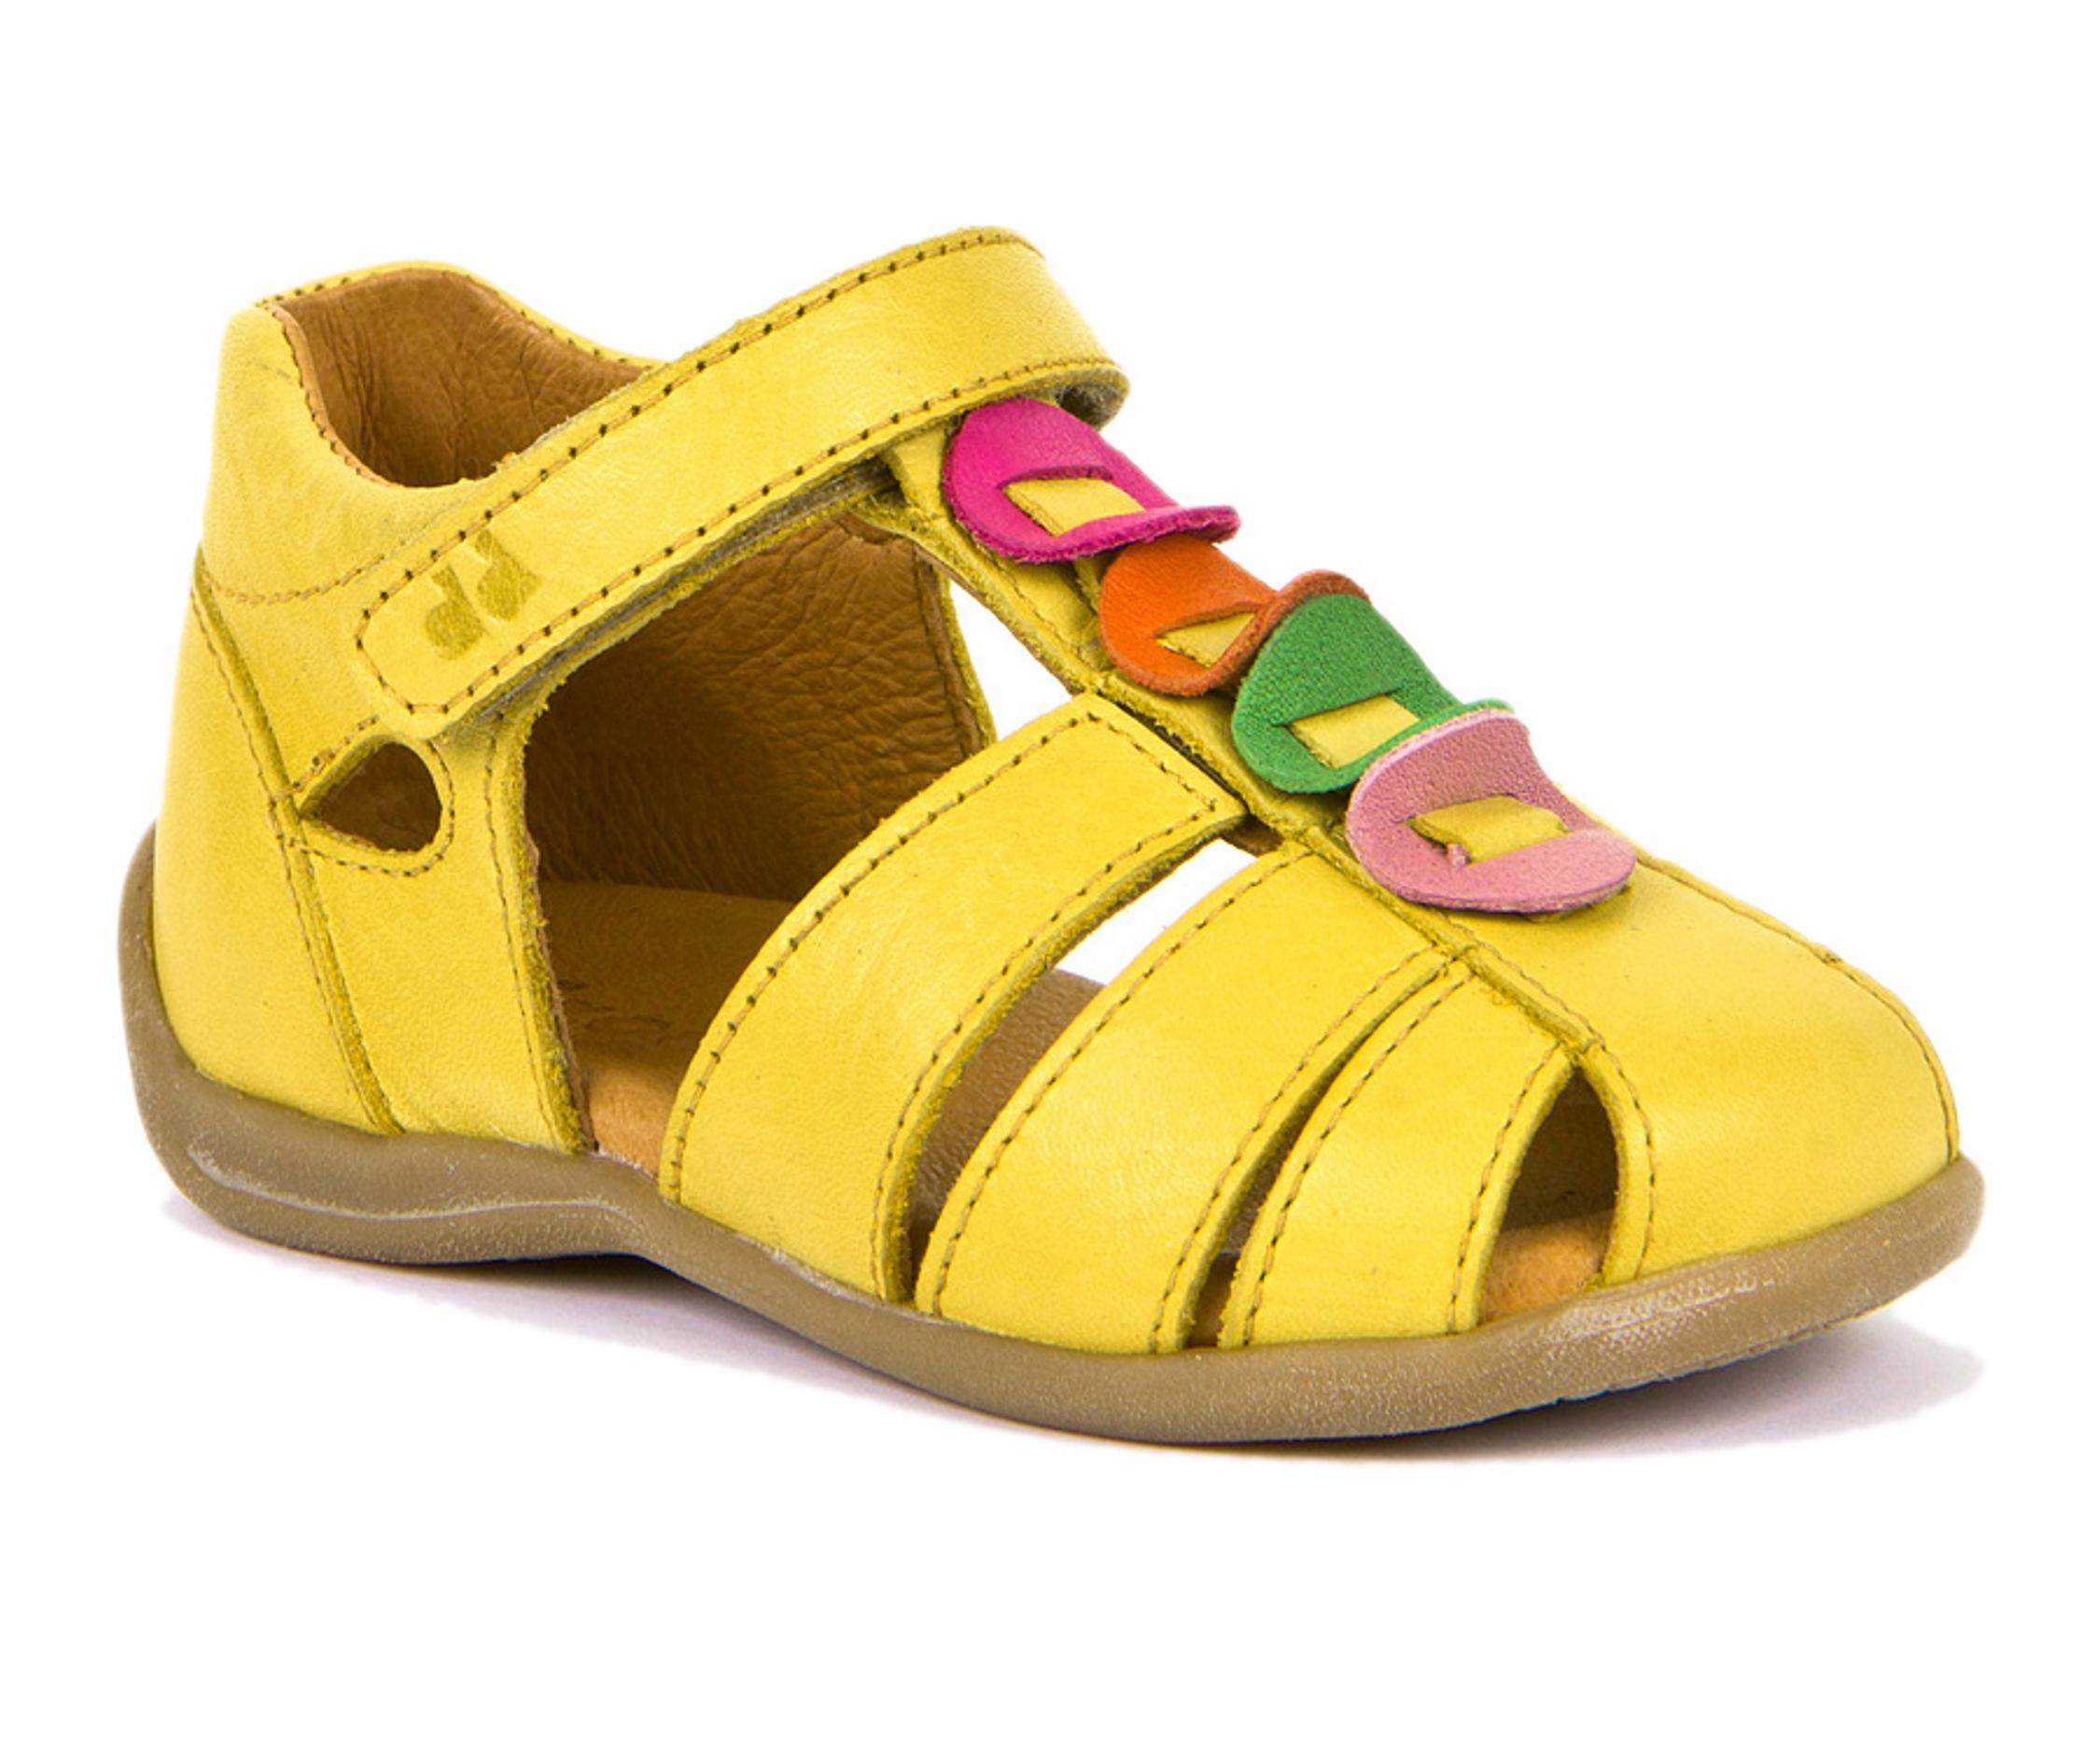 Froddo Lauflerner Sandale Gelb